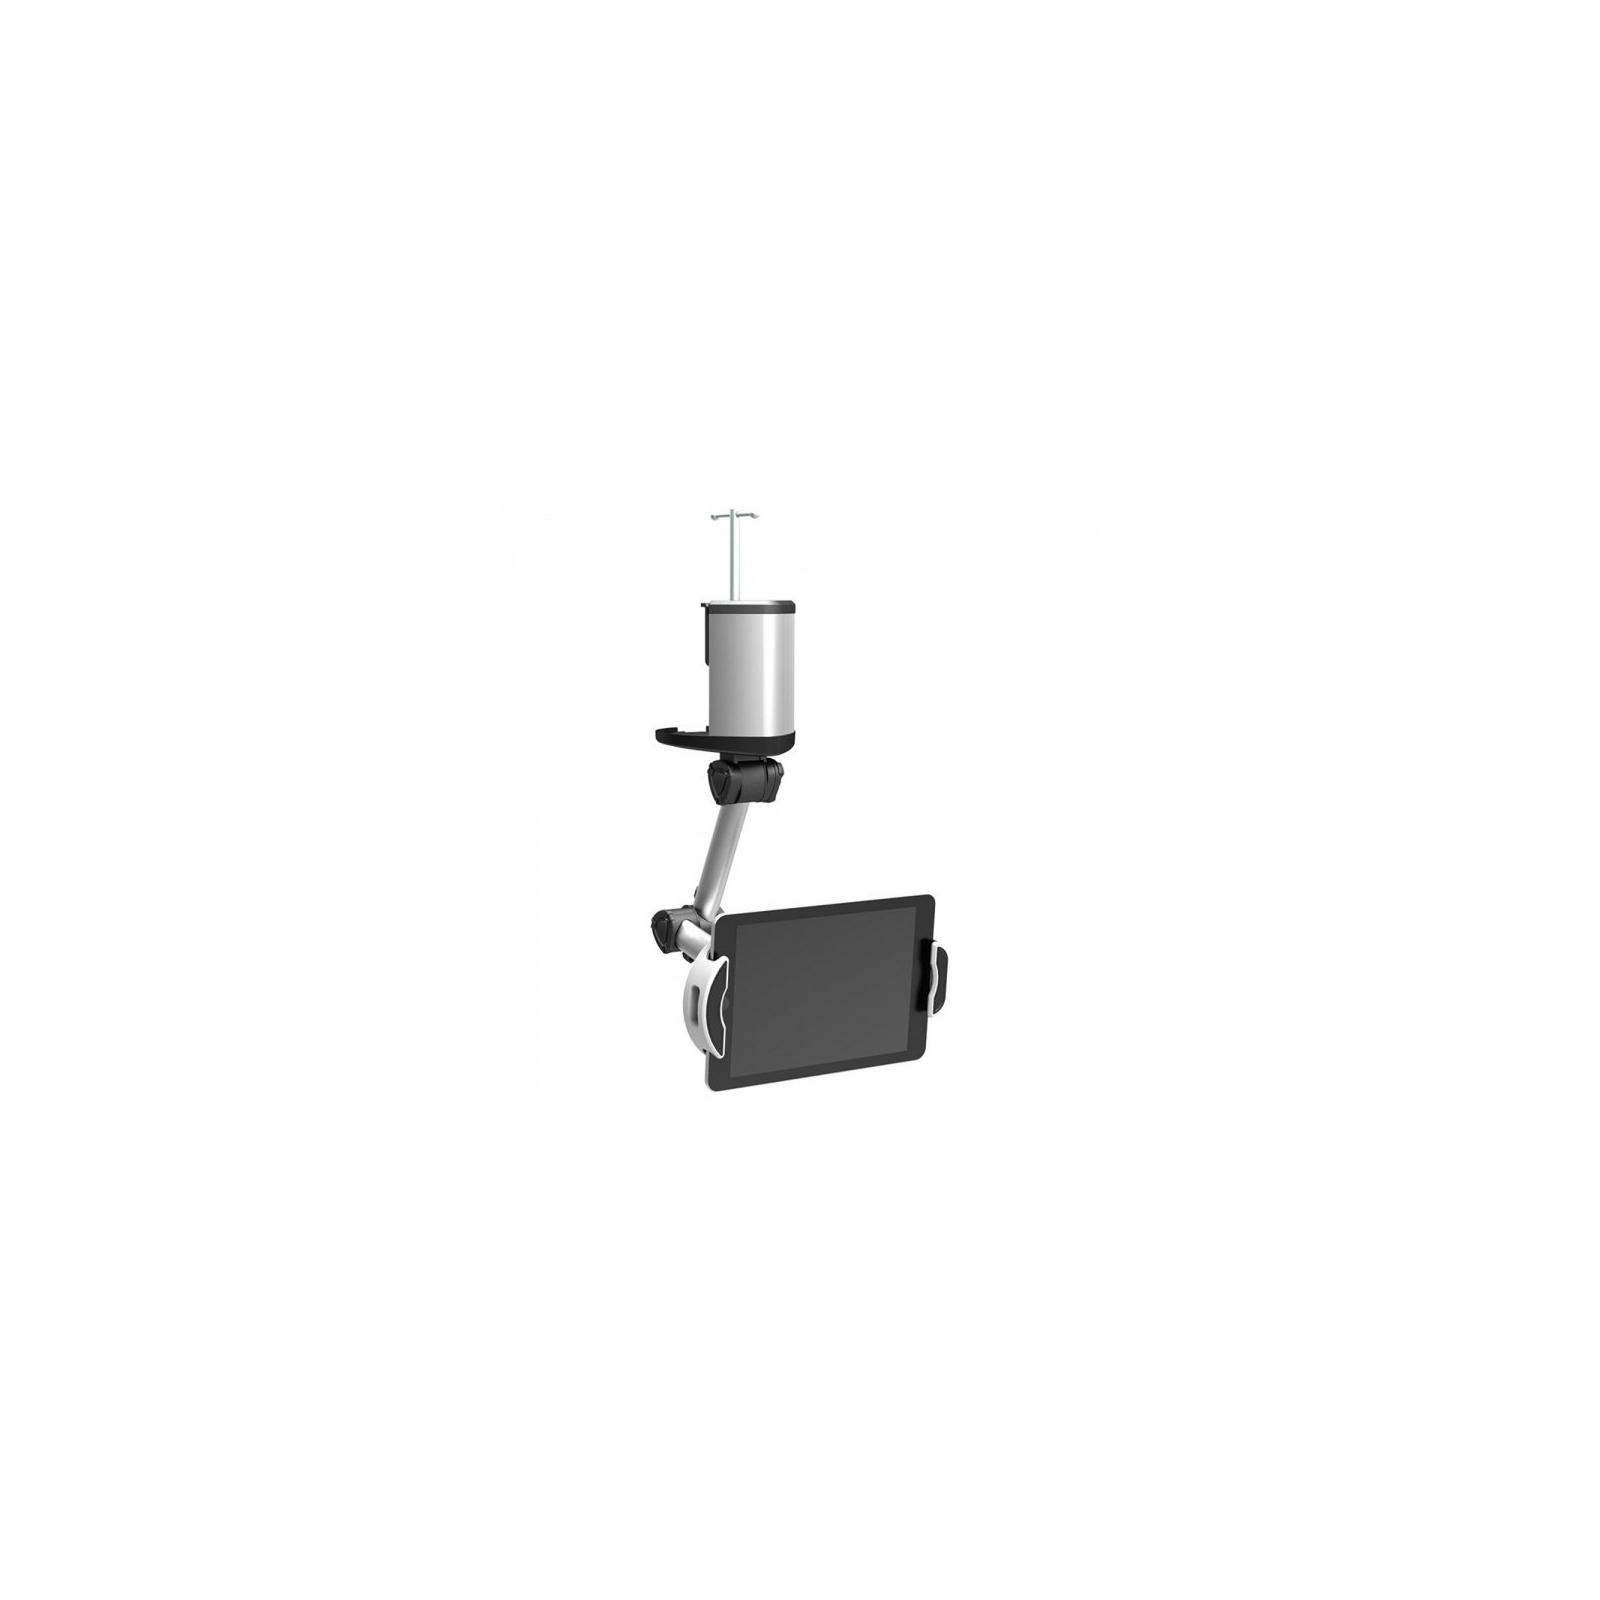 Крепление для планшета ITech ShowPad17 изображение 4